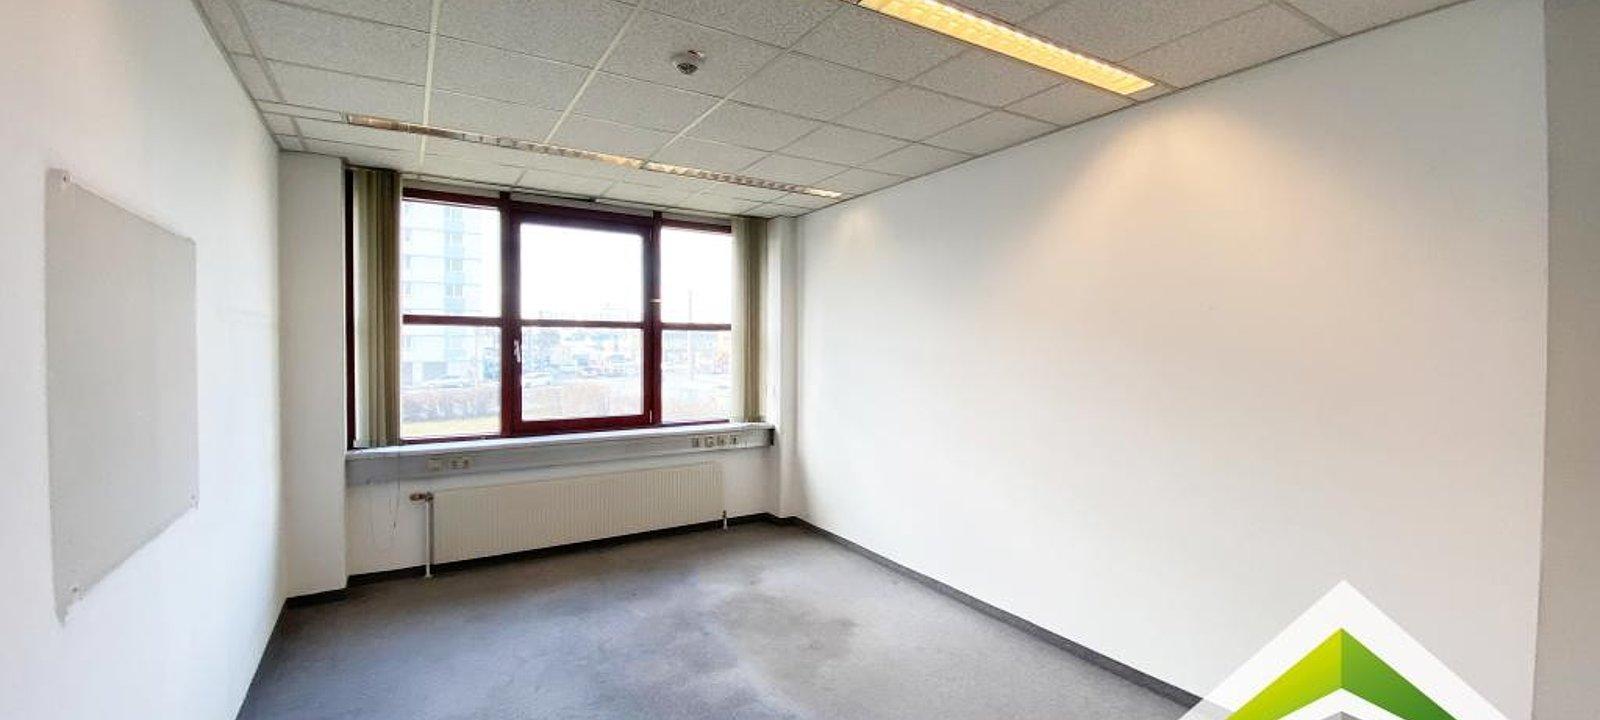 Büroraum Beispiel